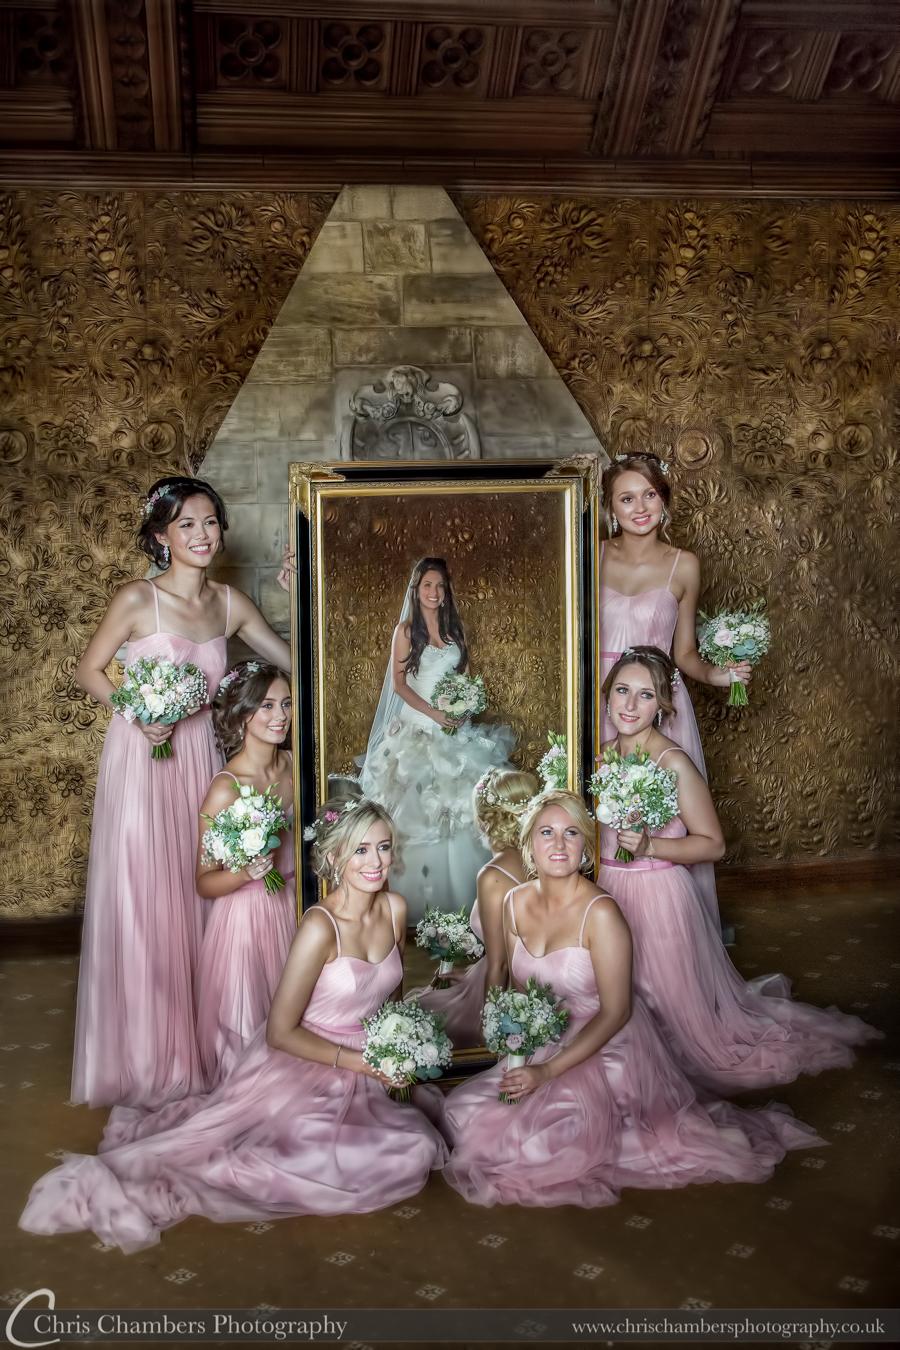 Hazlewood Castle wedding photographer, Yorkshire Hazlewood Castle wedding photography from award winning wedding photographer Chris Chambers